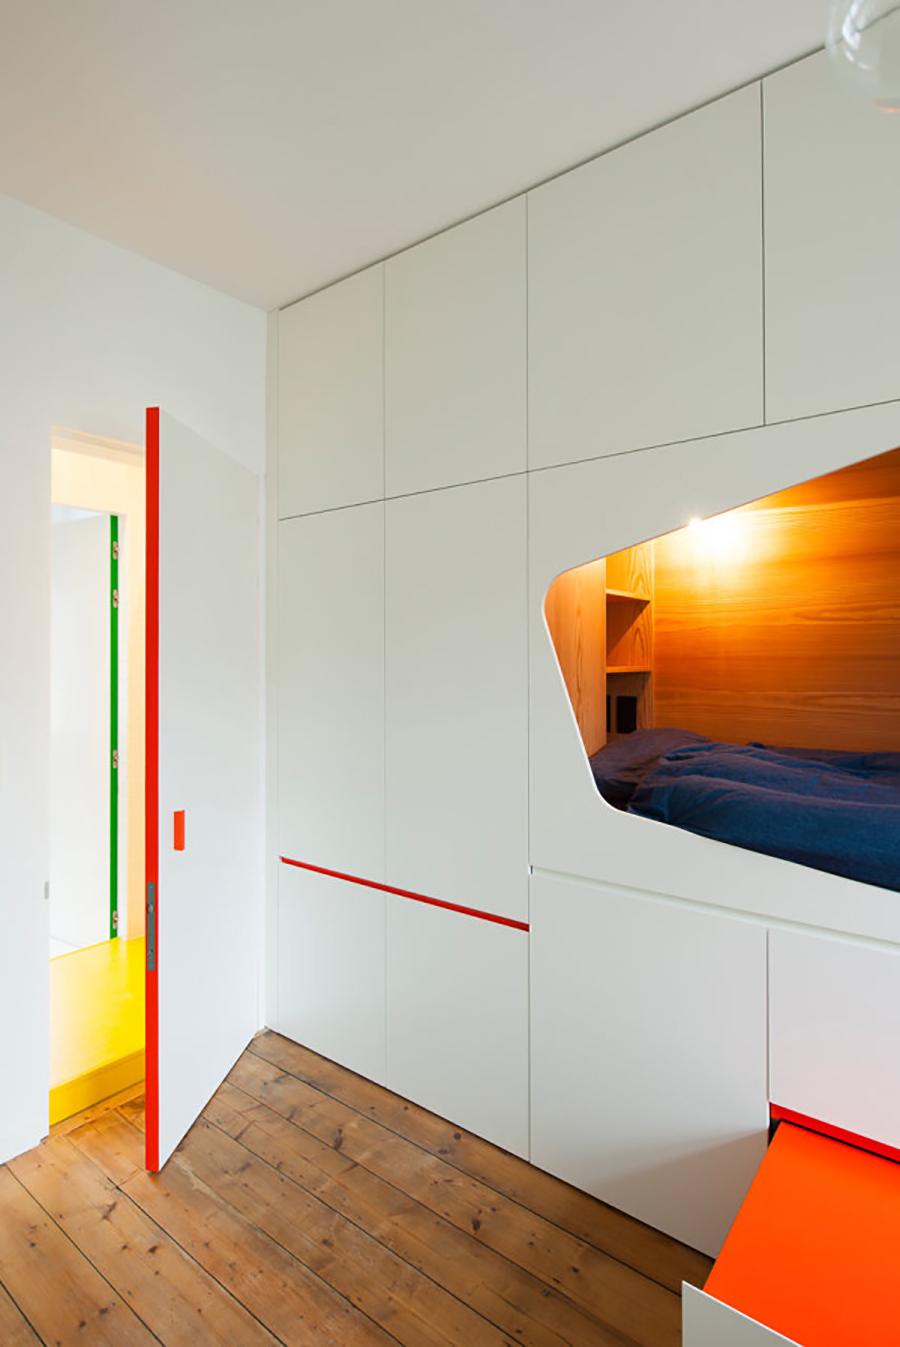 En una habitación con paredes y puerta de color blanco, el borde interior de ésta última está pintado de un color rojo brillante.